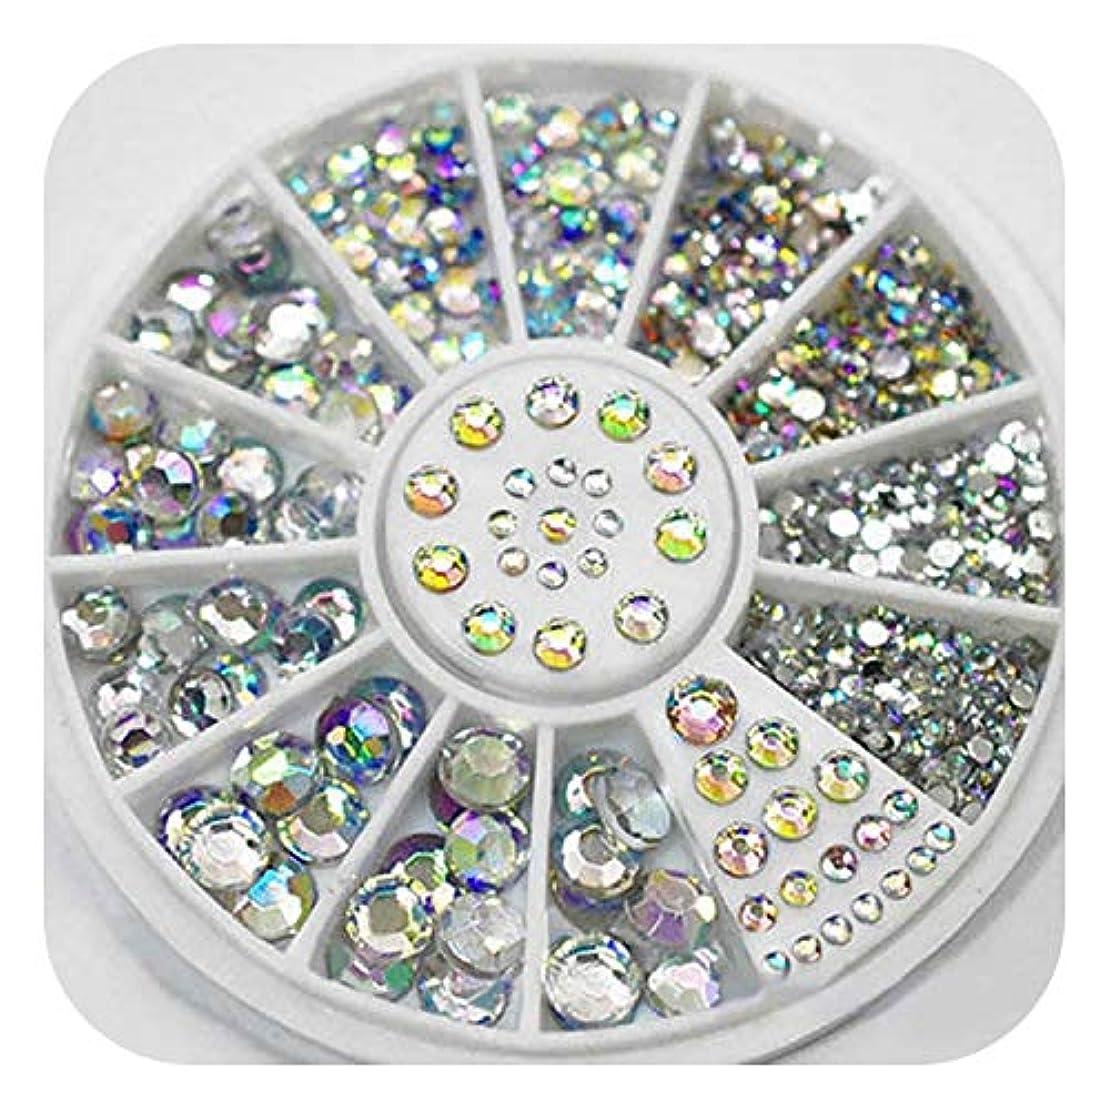 気体の視聴者一元化するダイヤモンドのまばゆいばかりのヒントネイルステッカースパンコールカラークリスタルパッチネイルアート,China